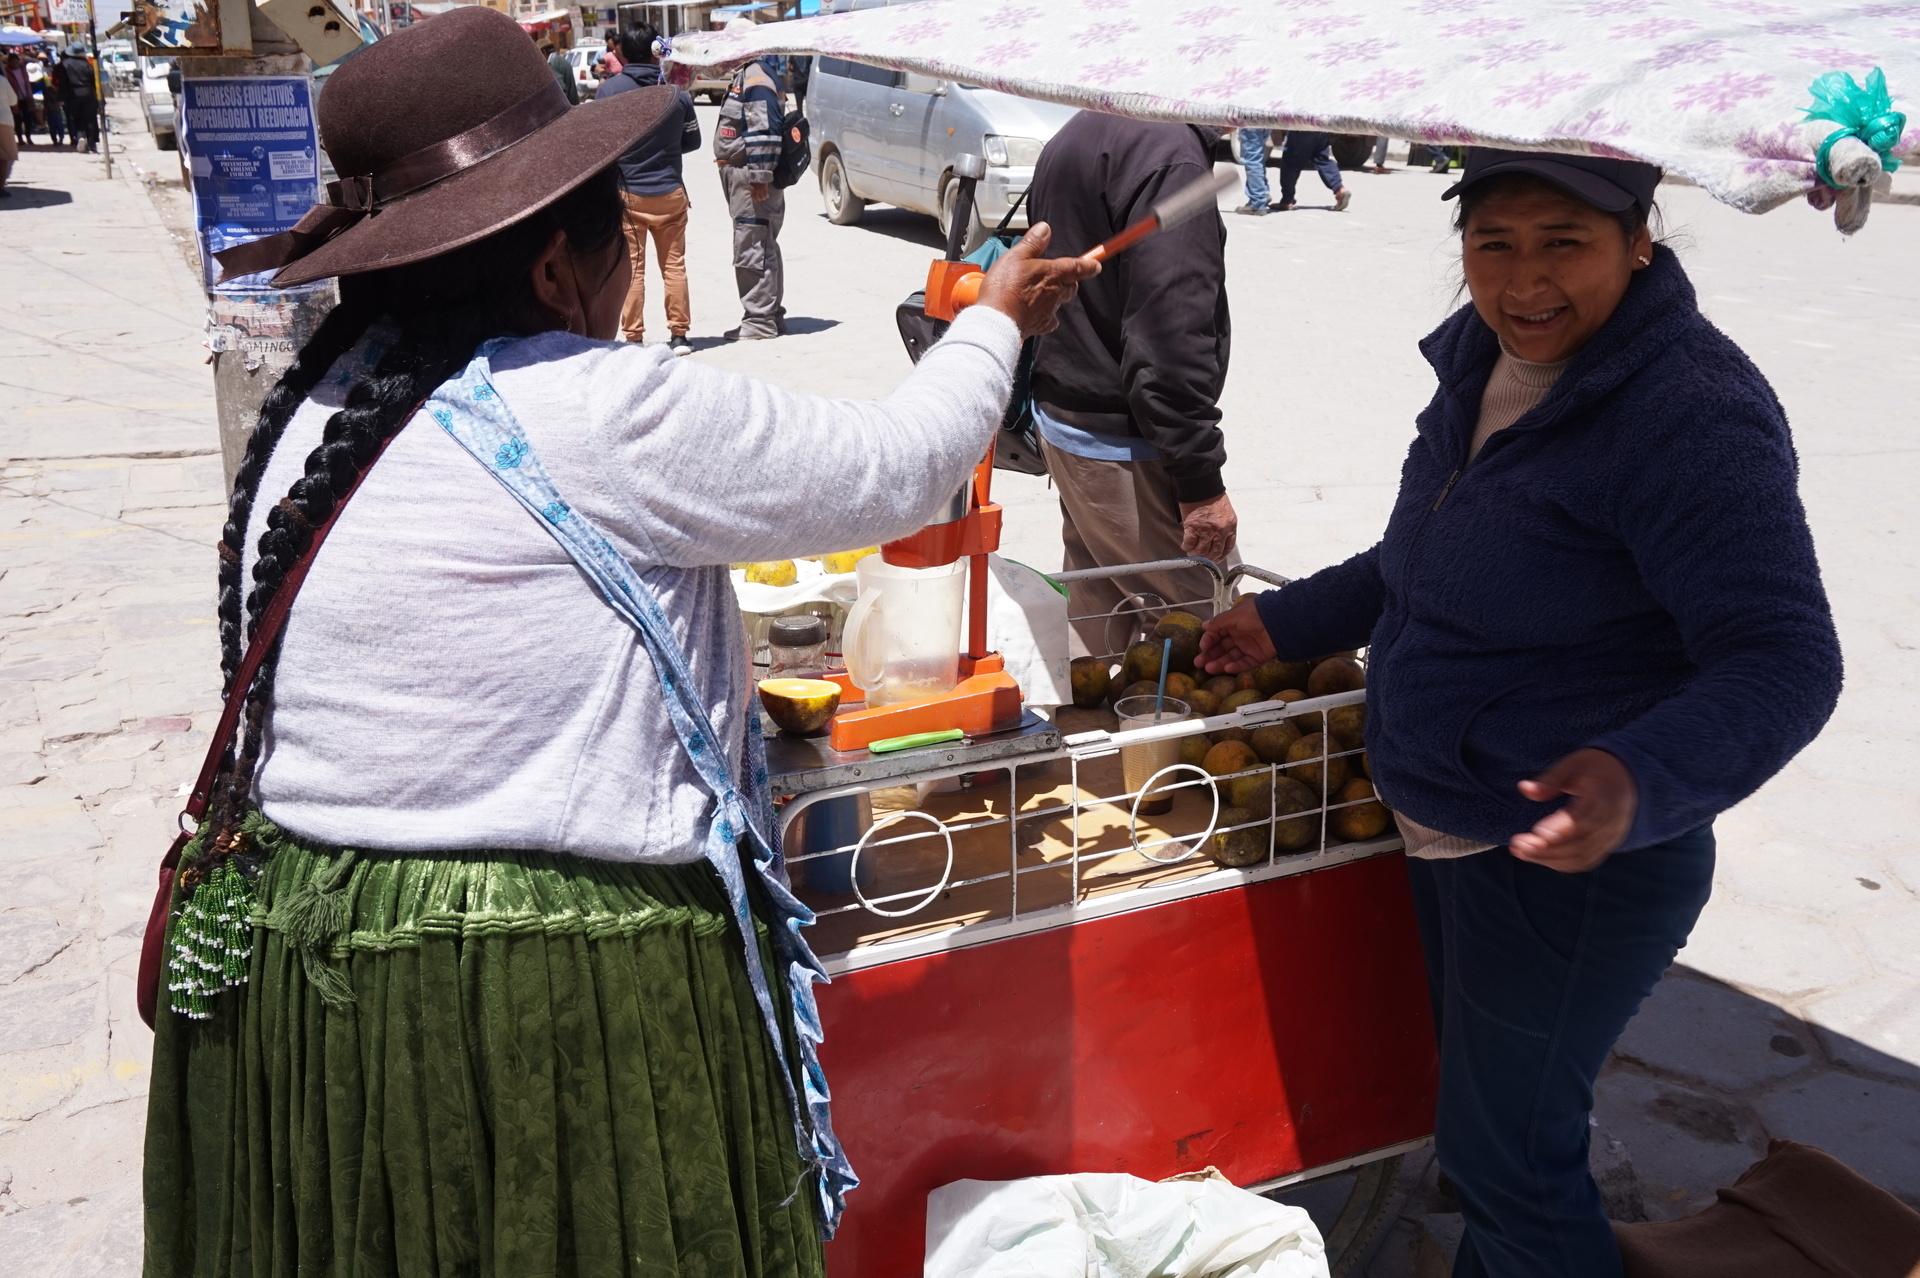 チリ ボリビア 旅行 ウユニ 街歩き ジュース絞り